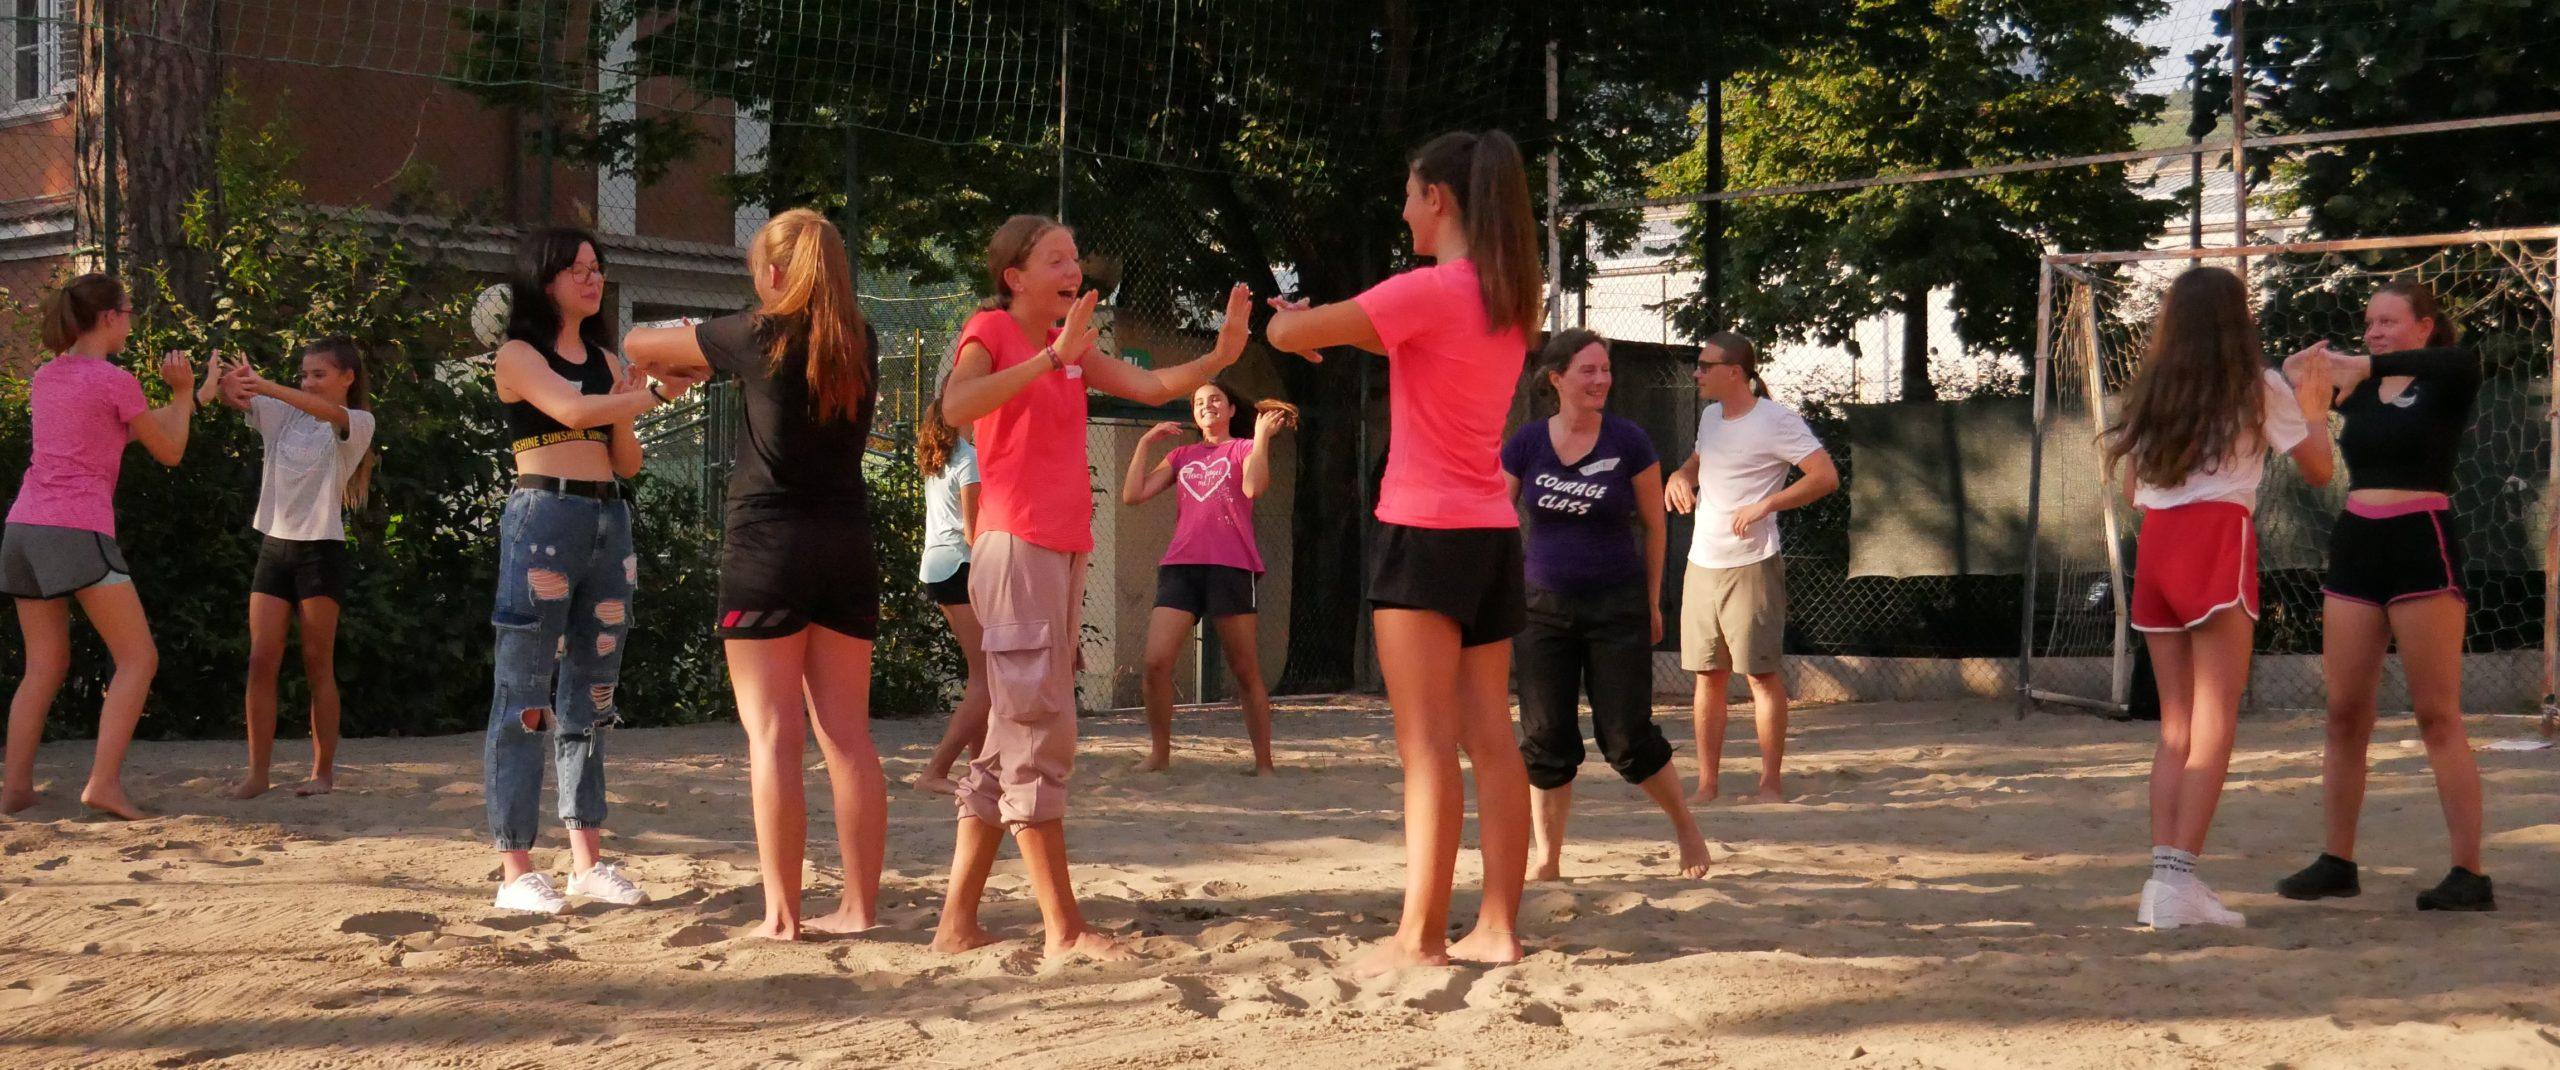 Selbstverteidigungskurs for Girls - Jugendzentrum Jungle Meran - Centro giovani Jungle Merano